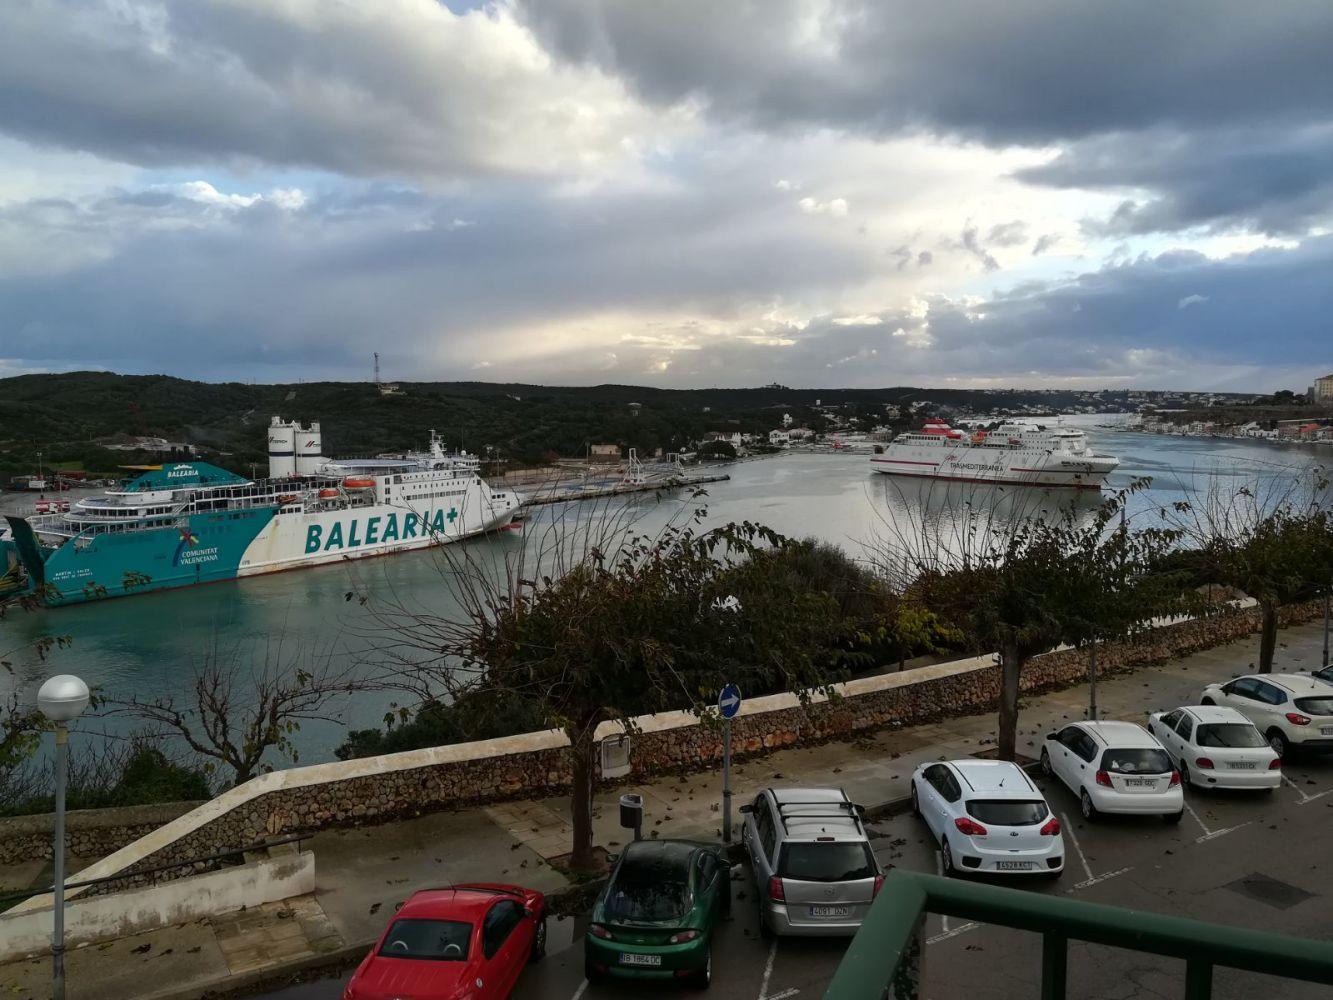 Los buques que iban a Ciutadella tuvieron que atracar en Llevant.